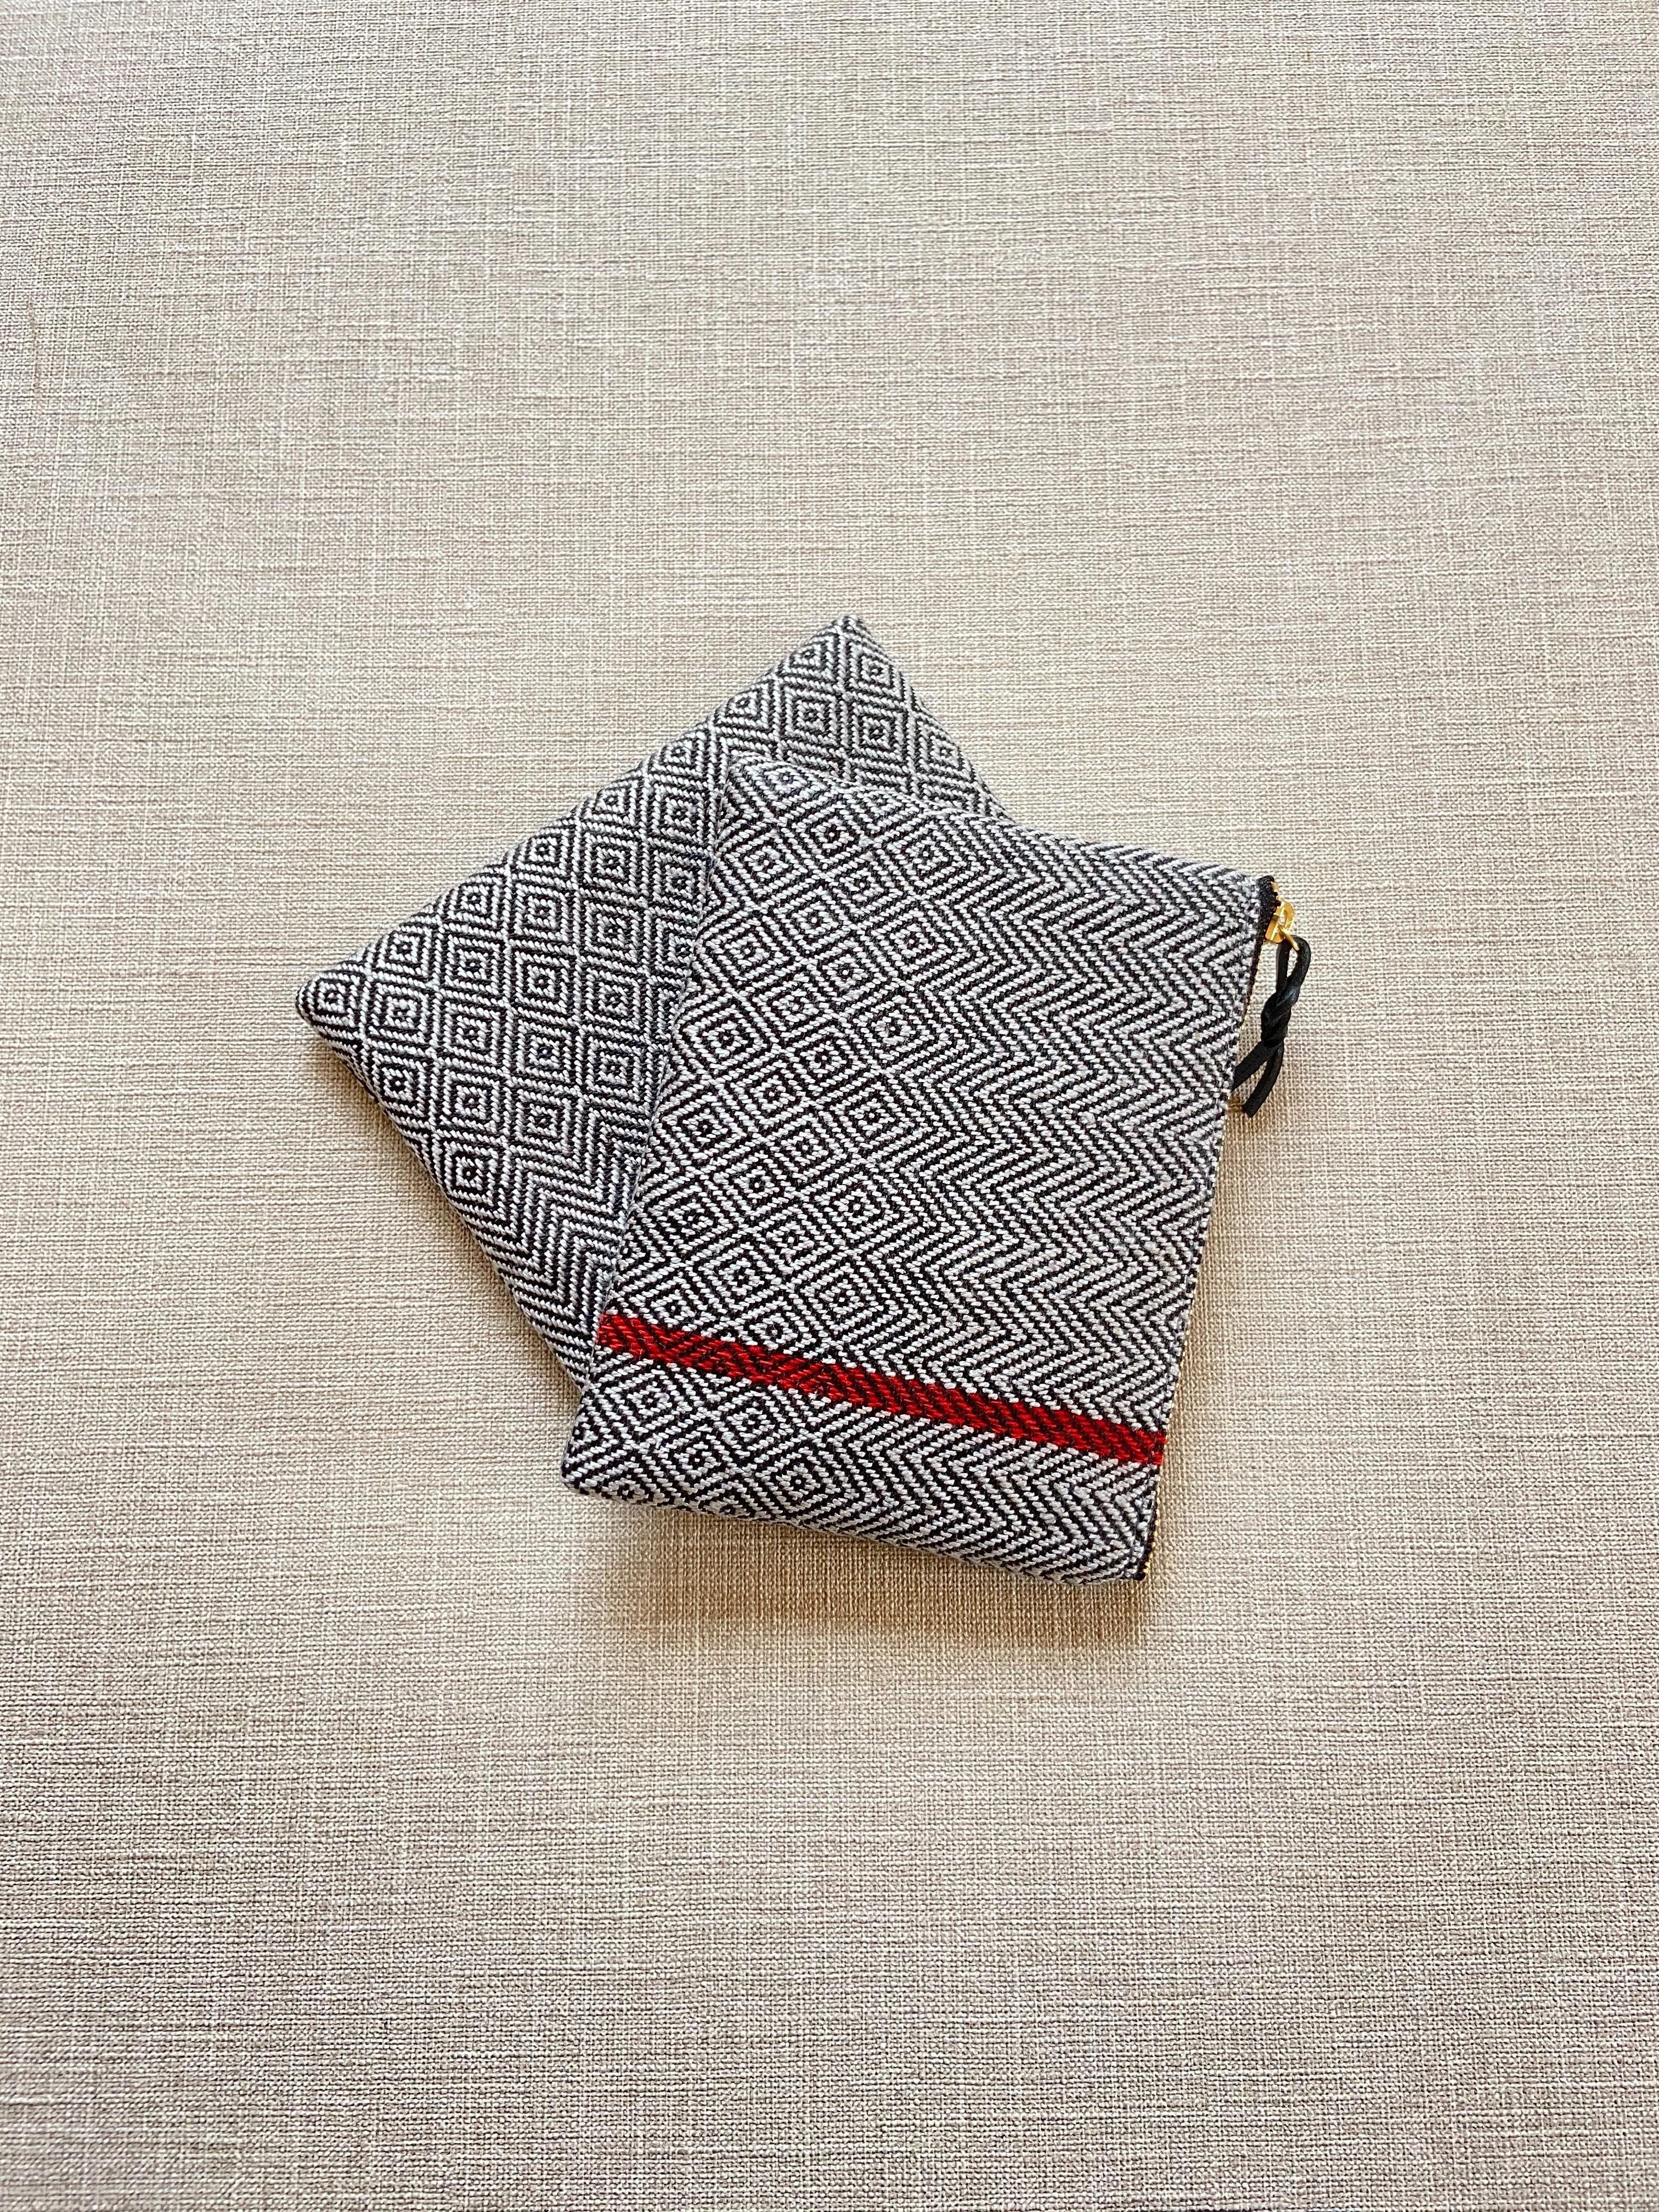 手織りミニポーチライン#3(HAND WOVEN POUCH 14cm RED LINE #3 )